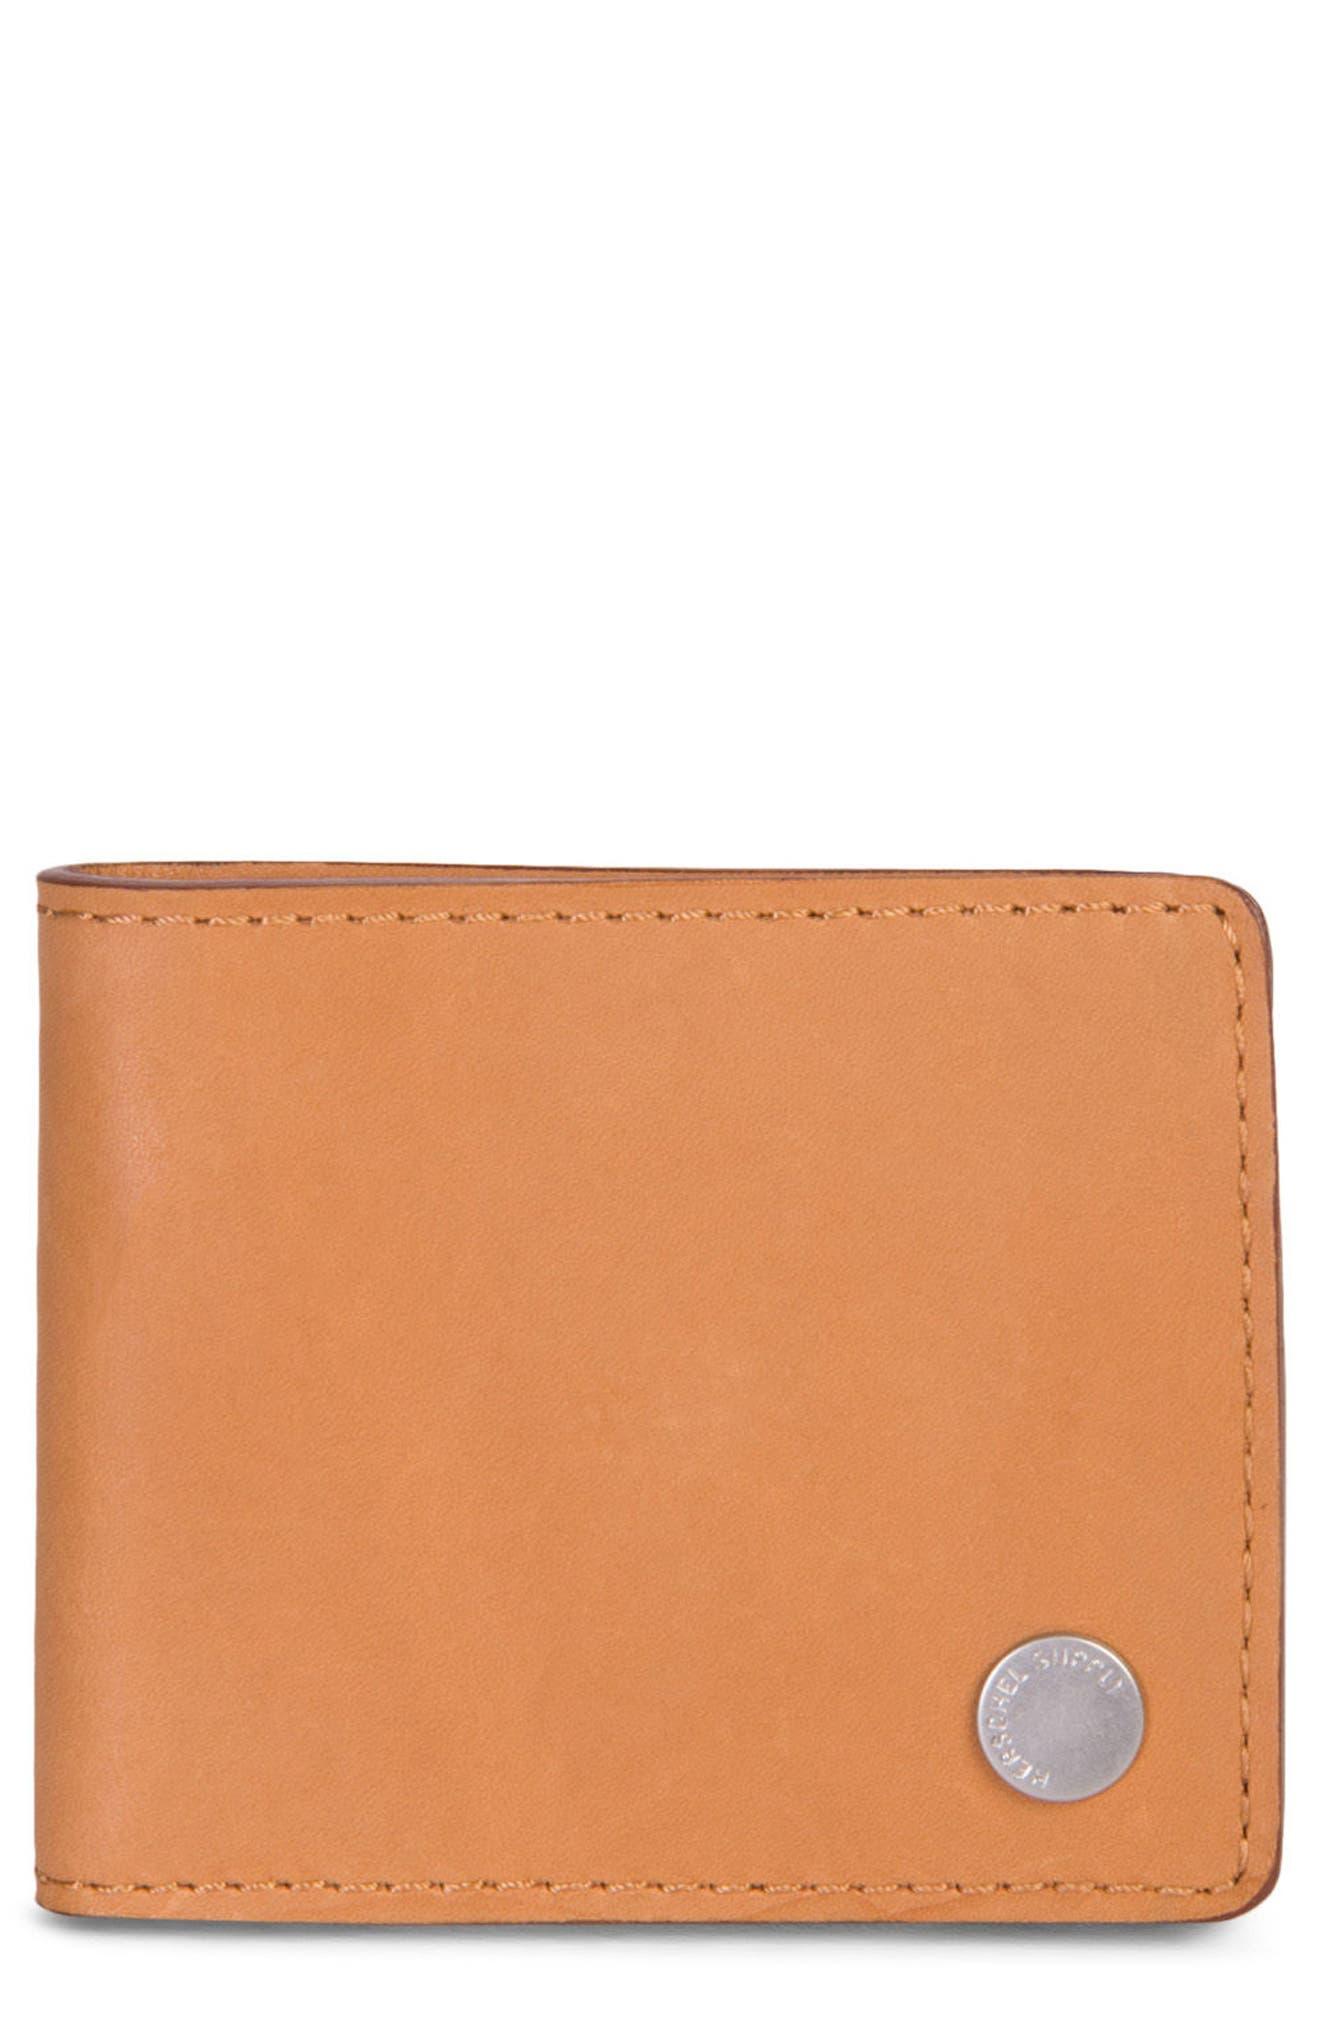 Herschel Supply Co. Vincent Saddle Leather Wallet